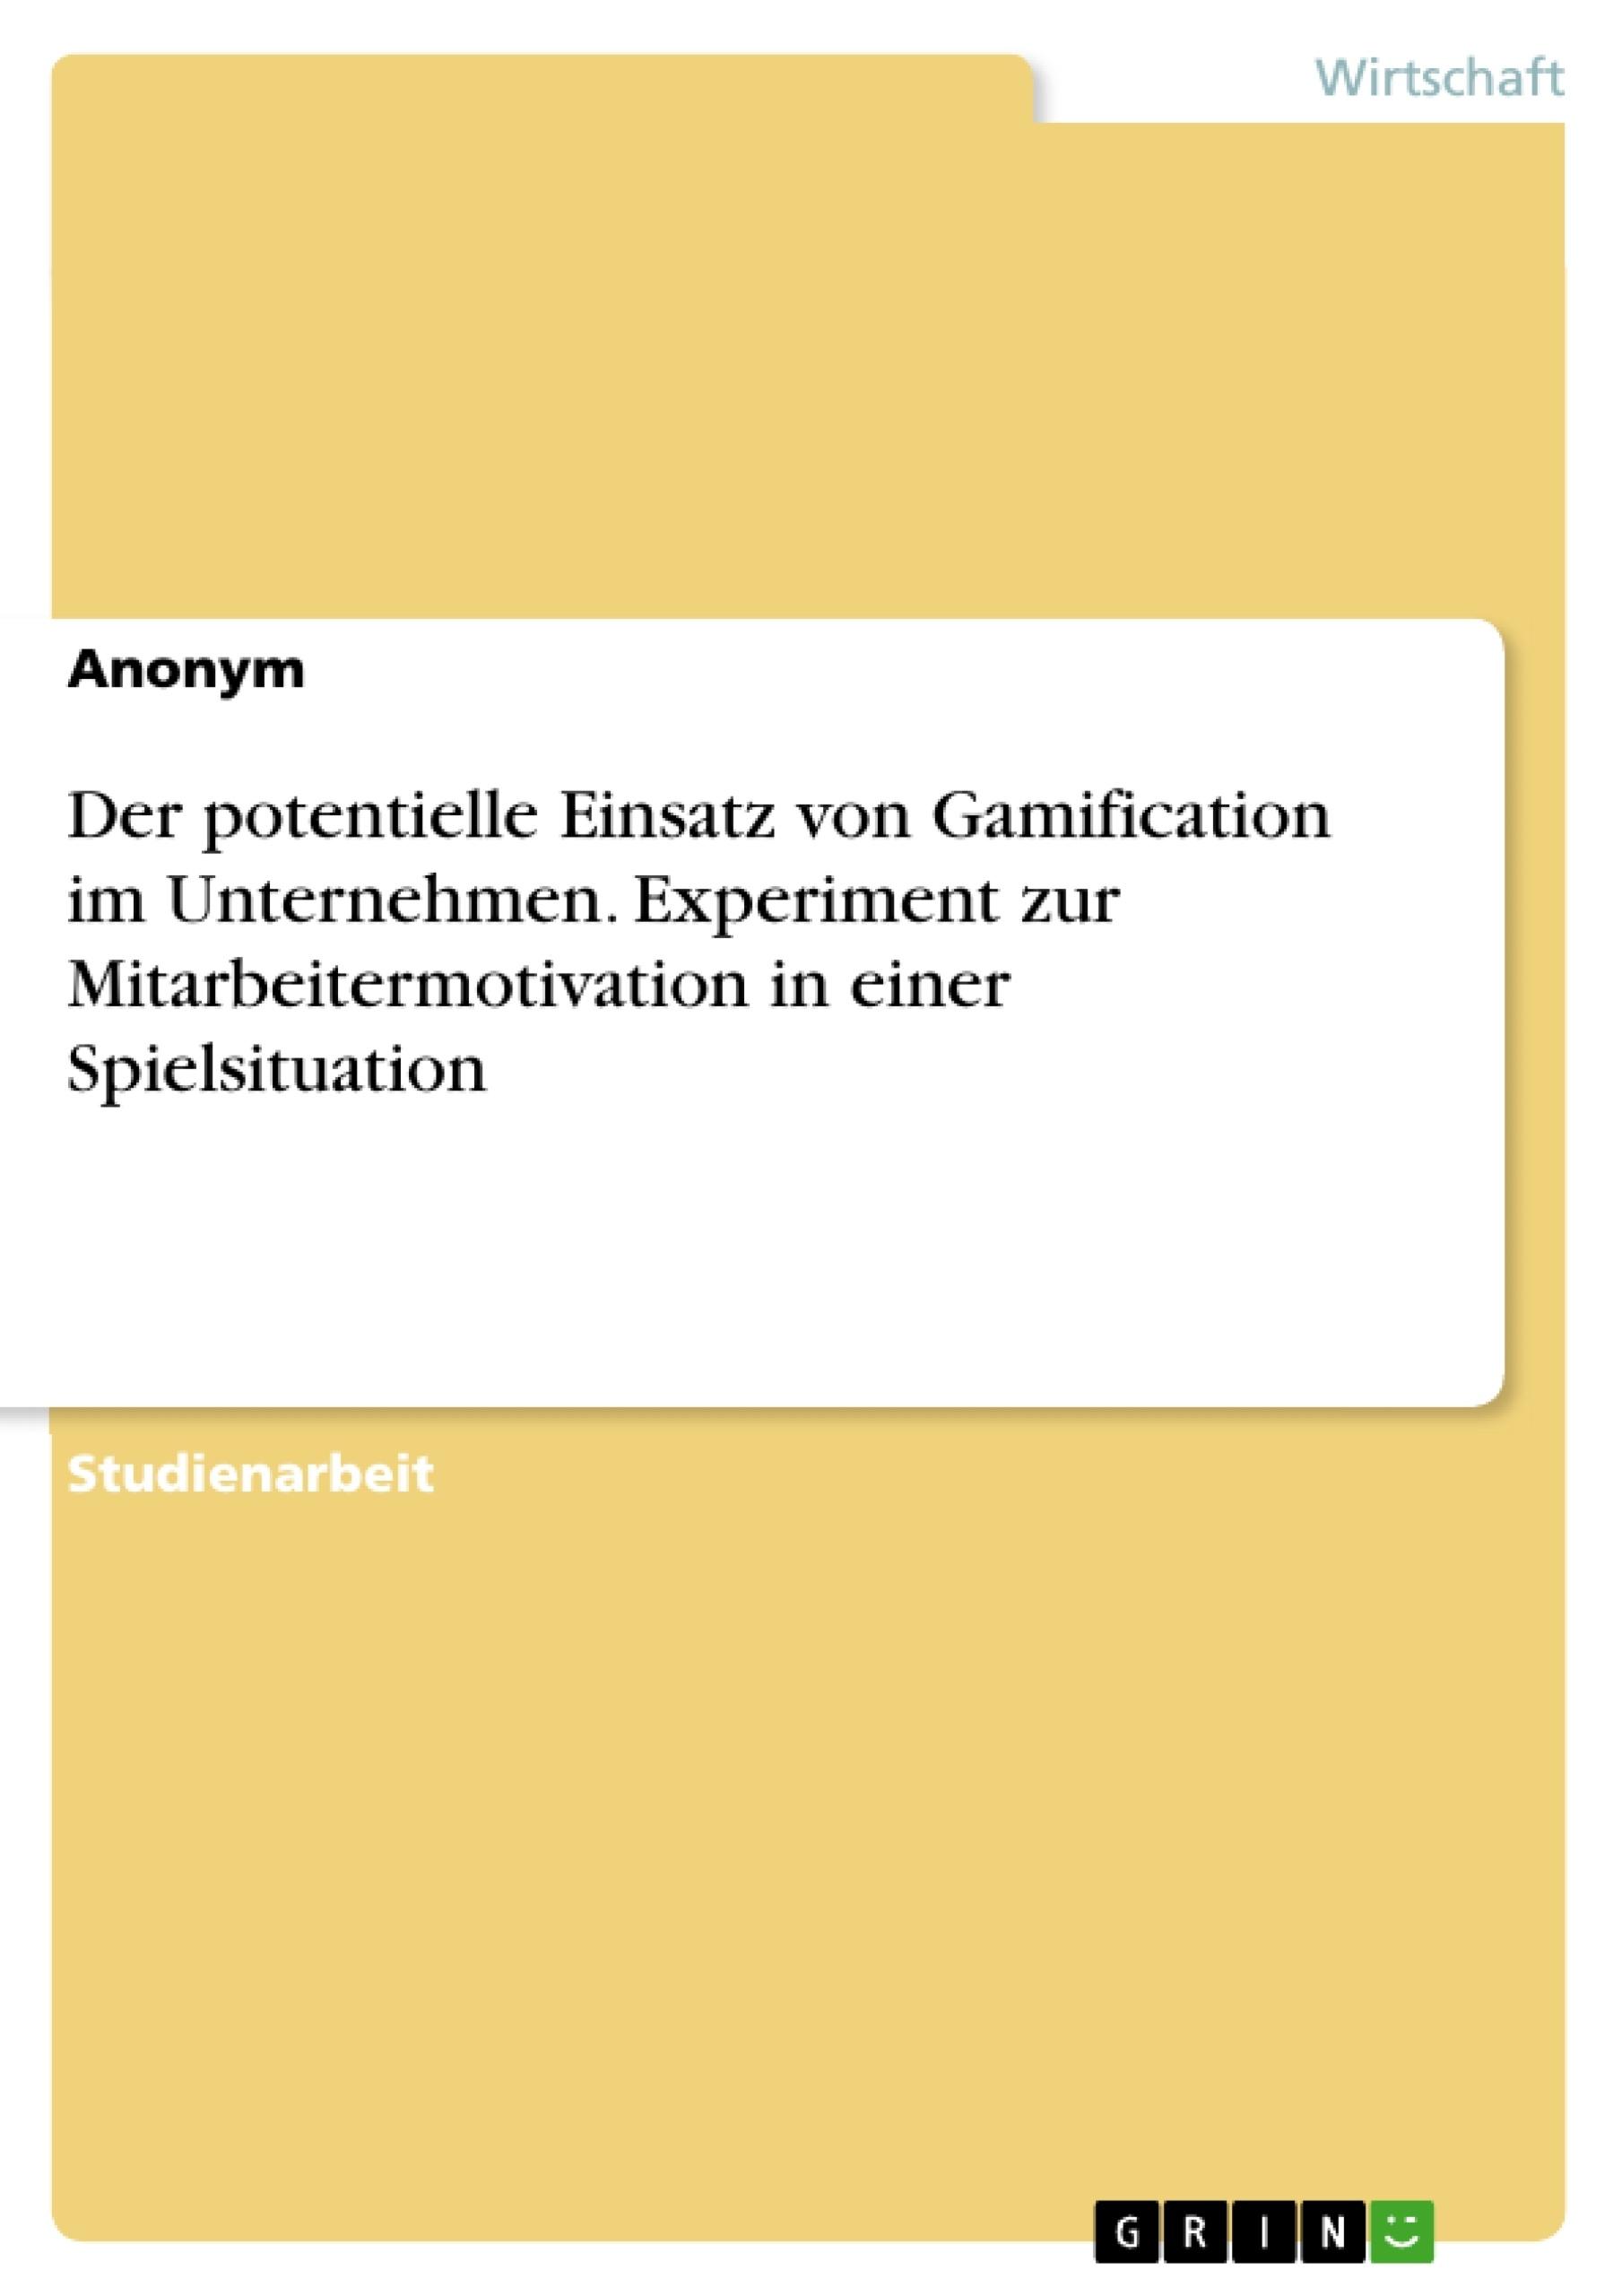 Titel: Der potentielle Einsatz von Gamification im Unternehmen. Experiment zur Mitarbeitermotivation in einer Spielsituation